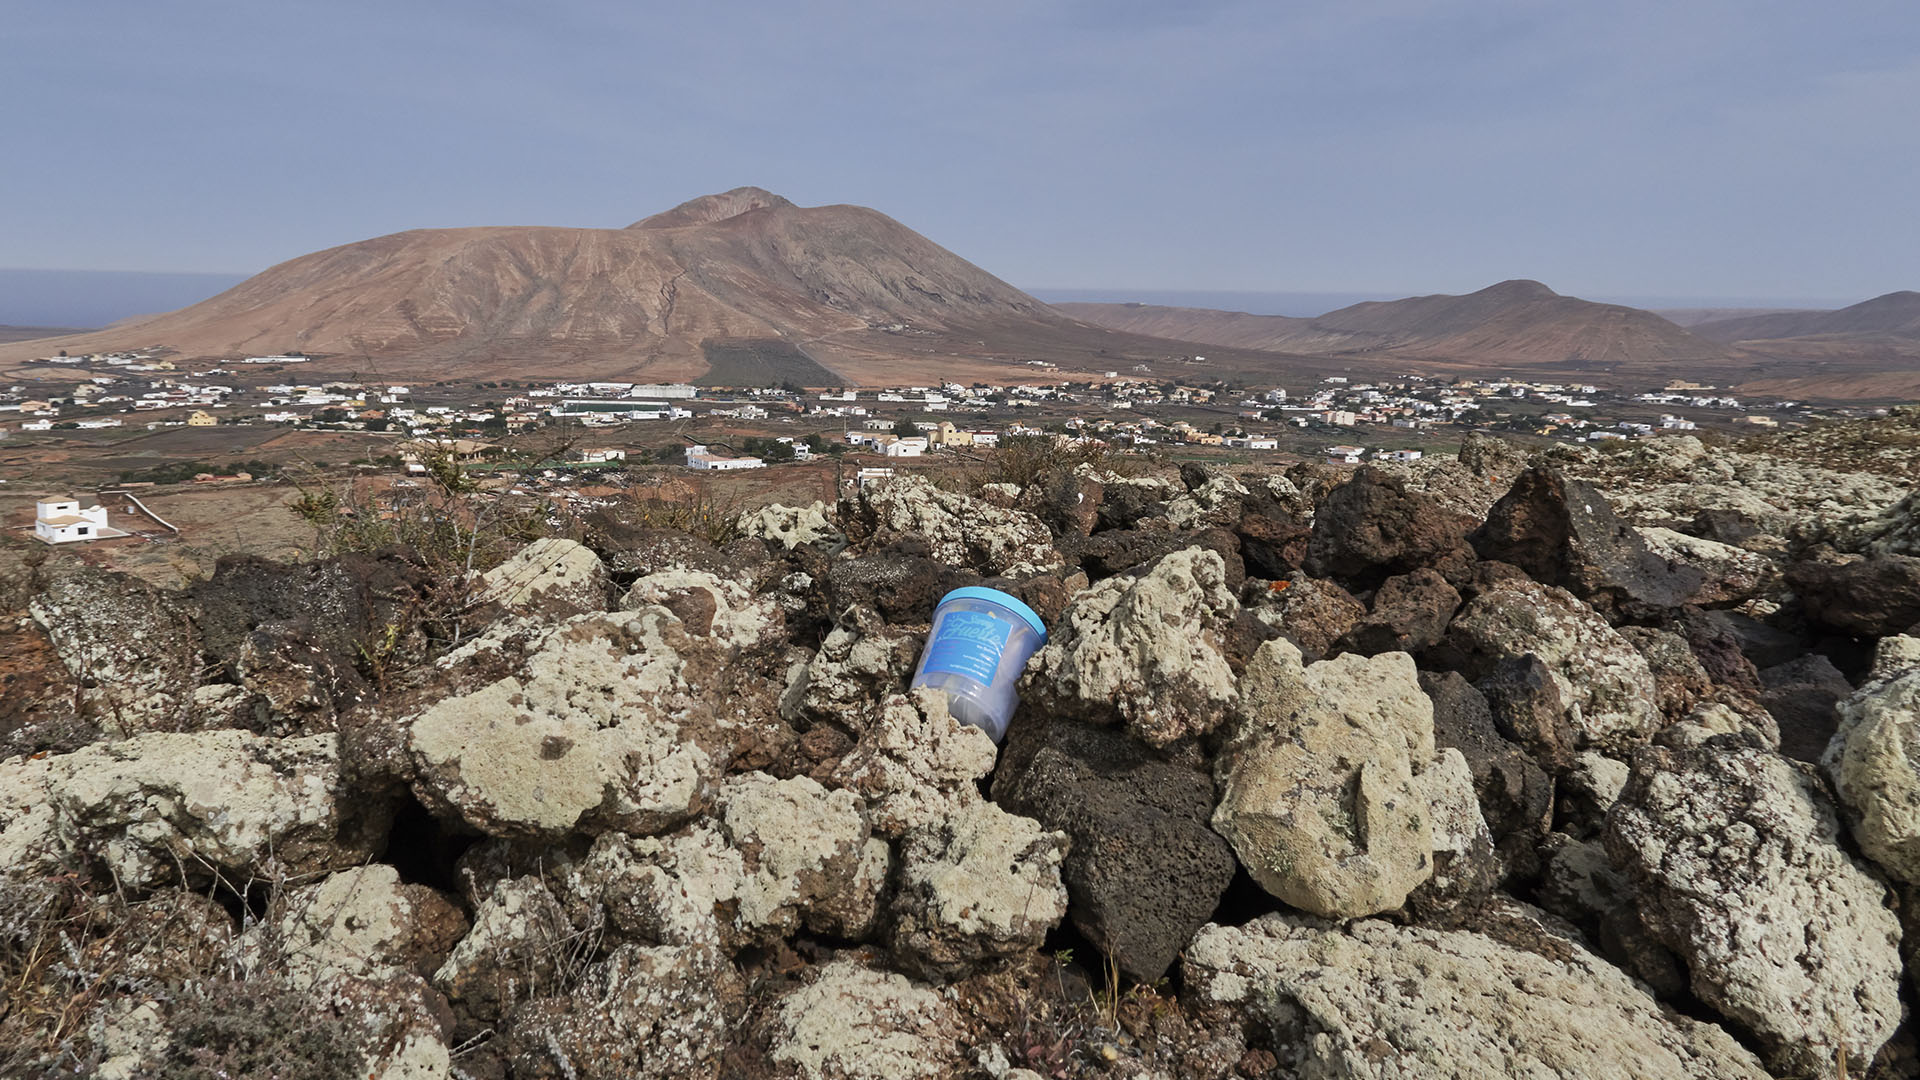 Geocaching mit Sunnyfuerte –auf der ganzen Insel sind Caches gelegt.